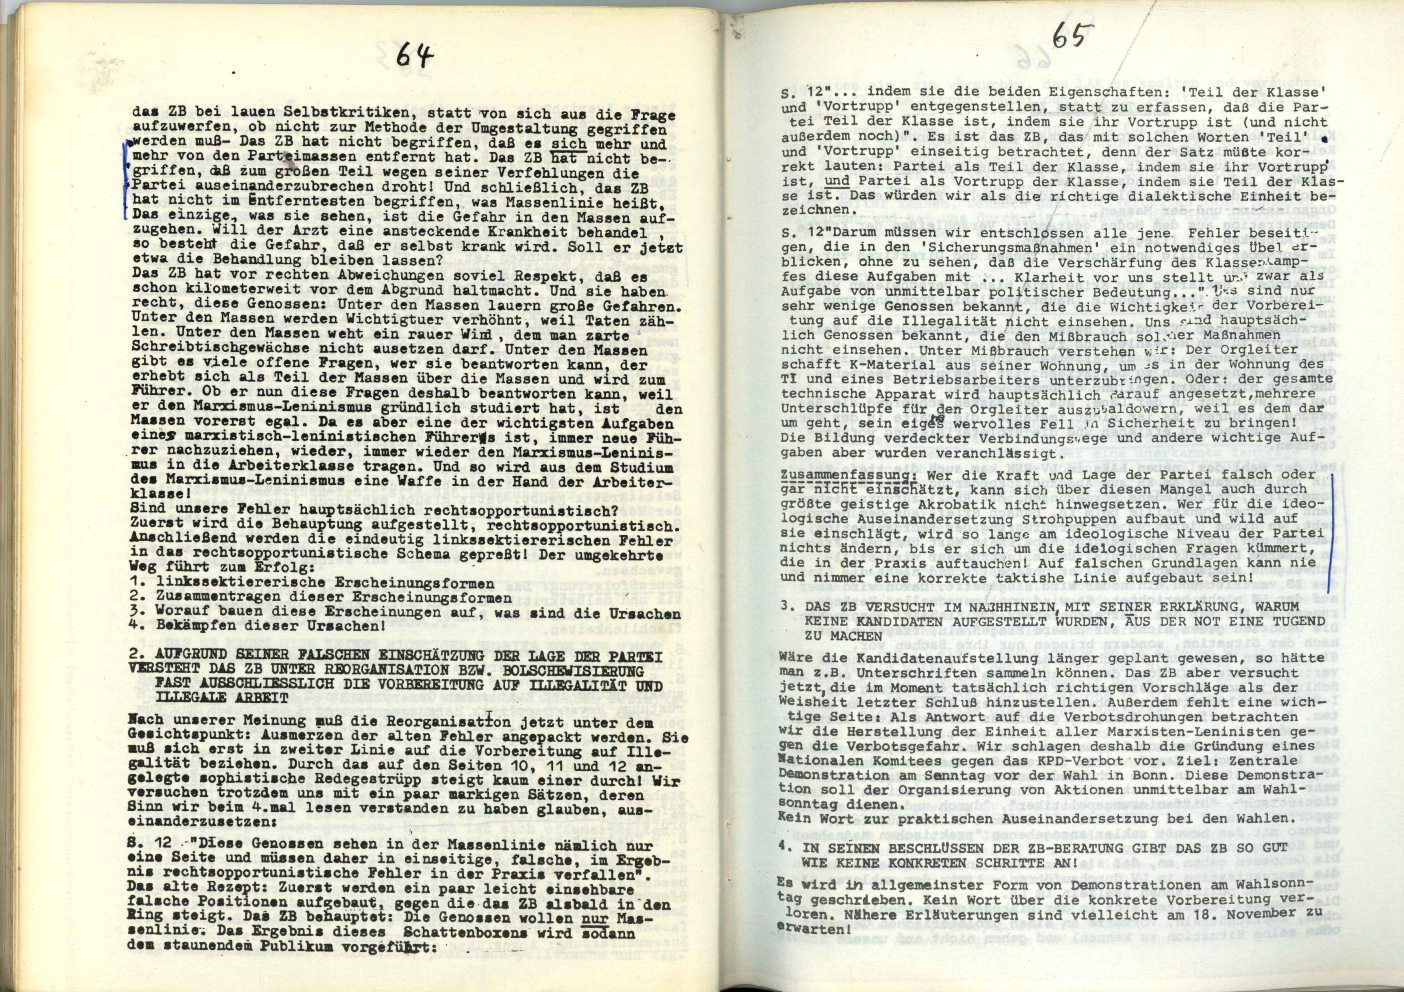 ZB_1972_Diskussionsorgan_zur_ersten_Parteikonferenz_36